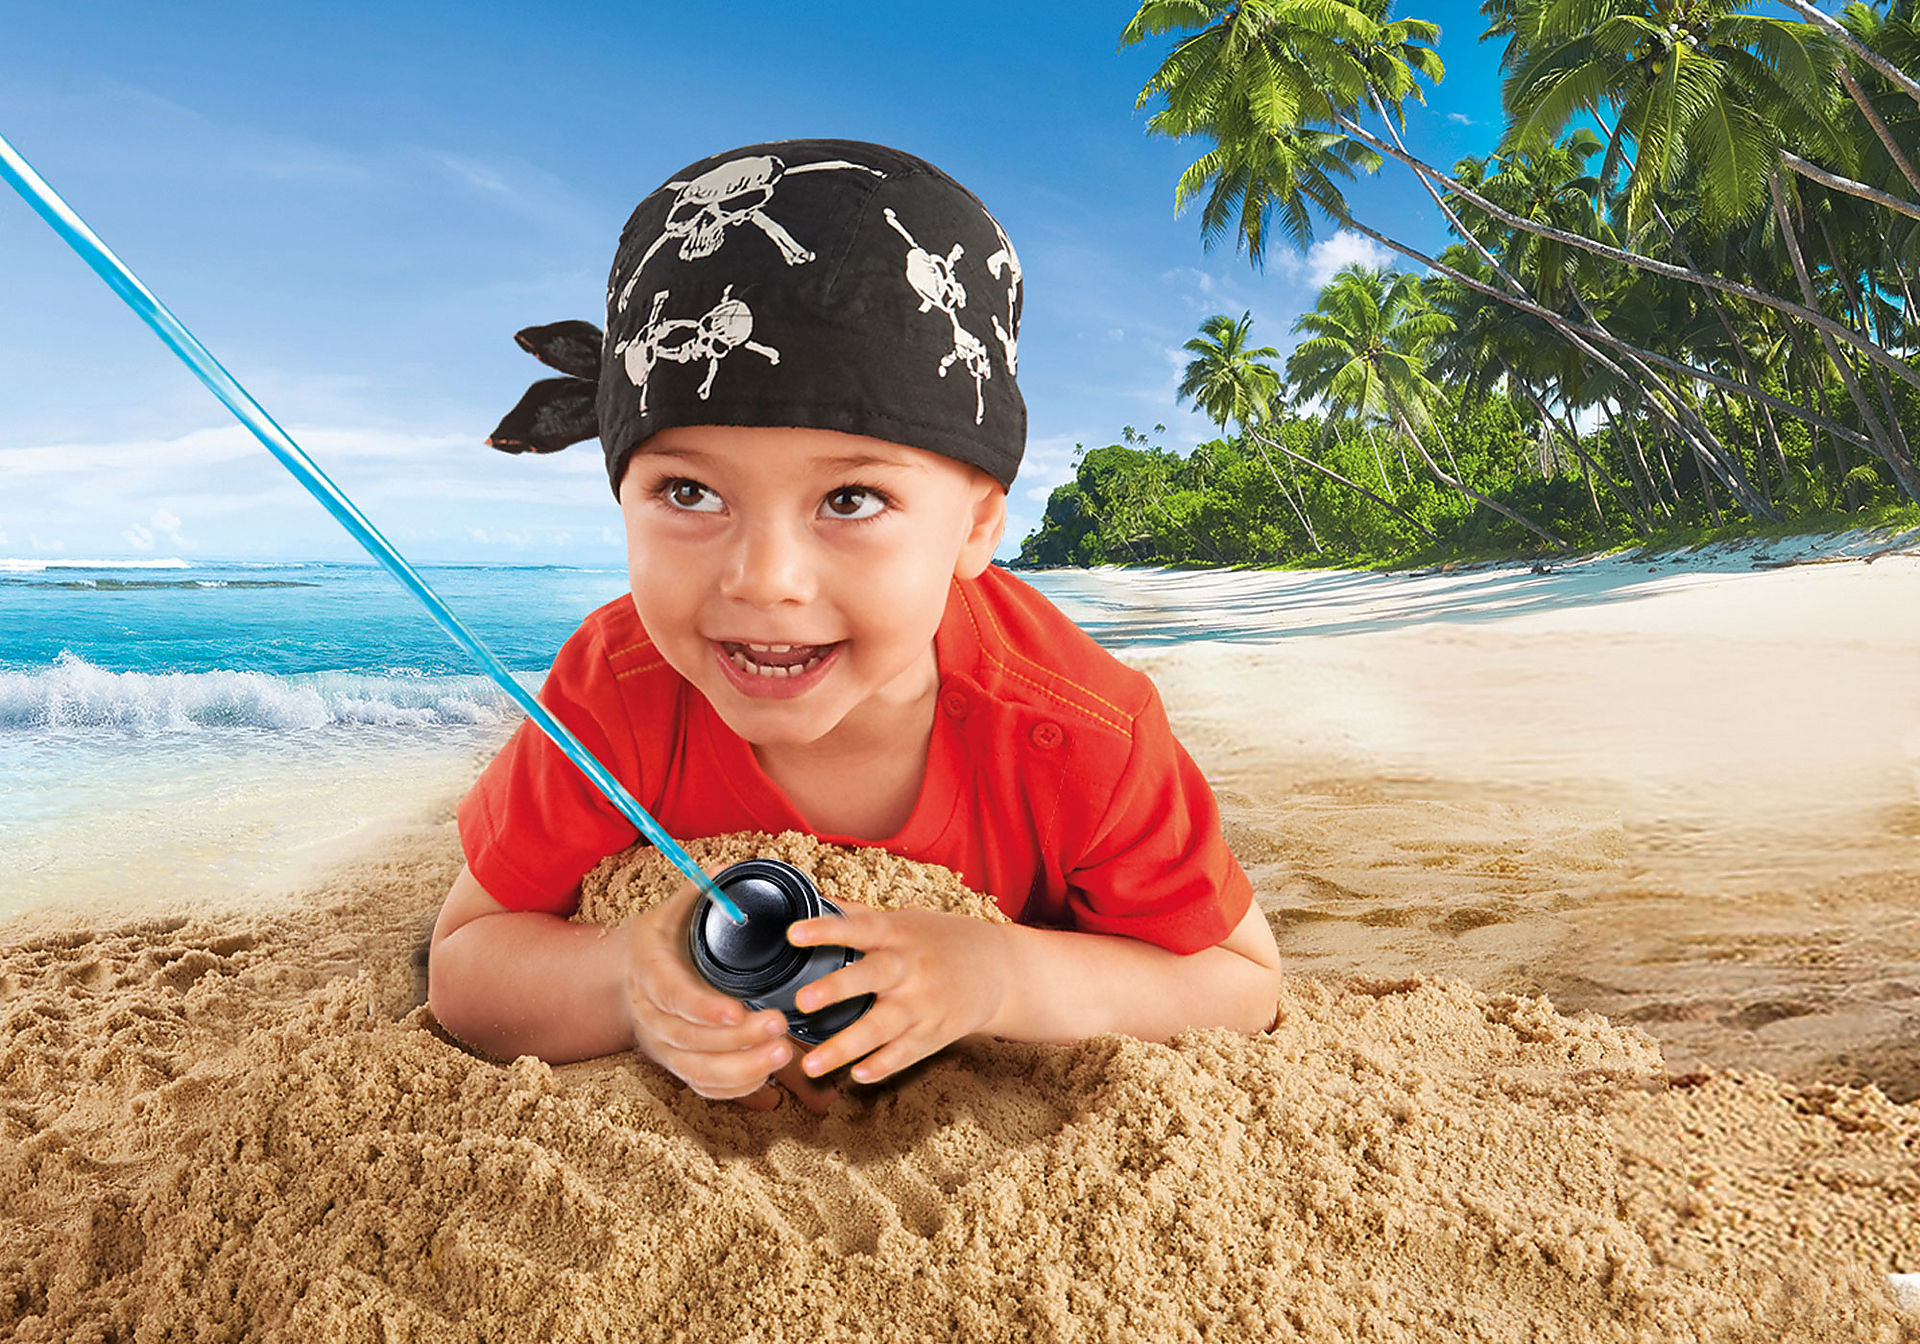 http://media.playmobil.com/i/playmobil/9118_product_extra3/1.2.3 Barco Pirata